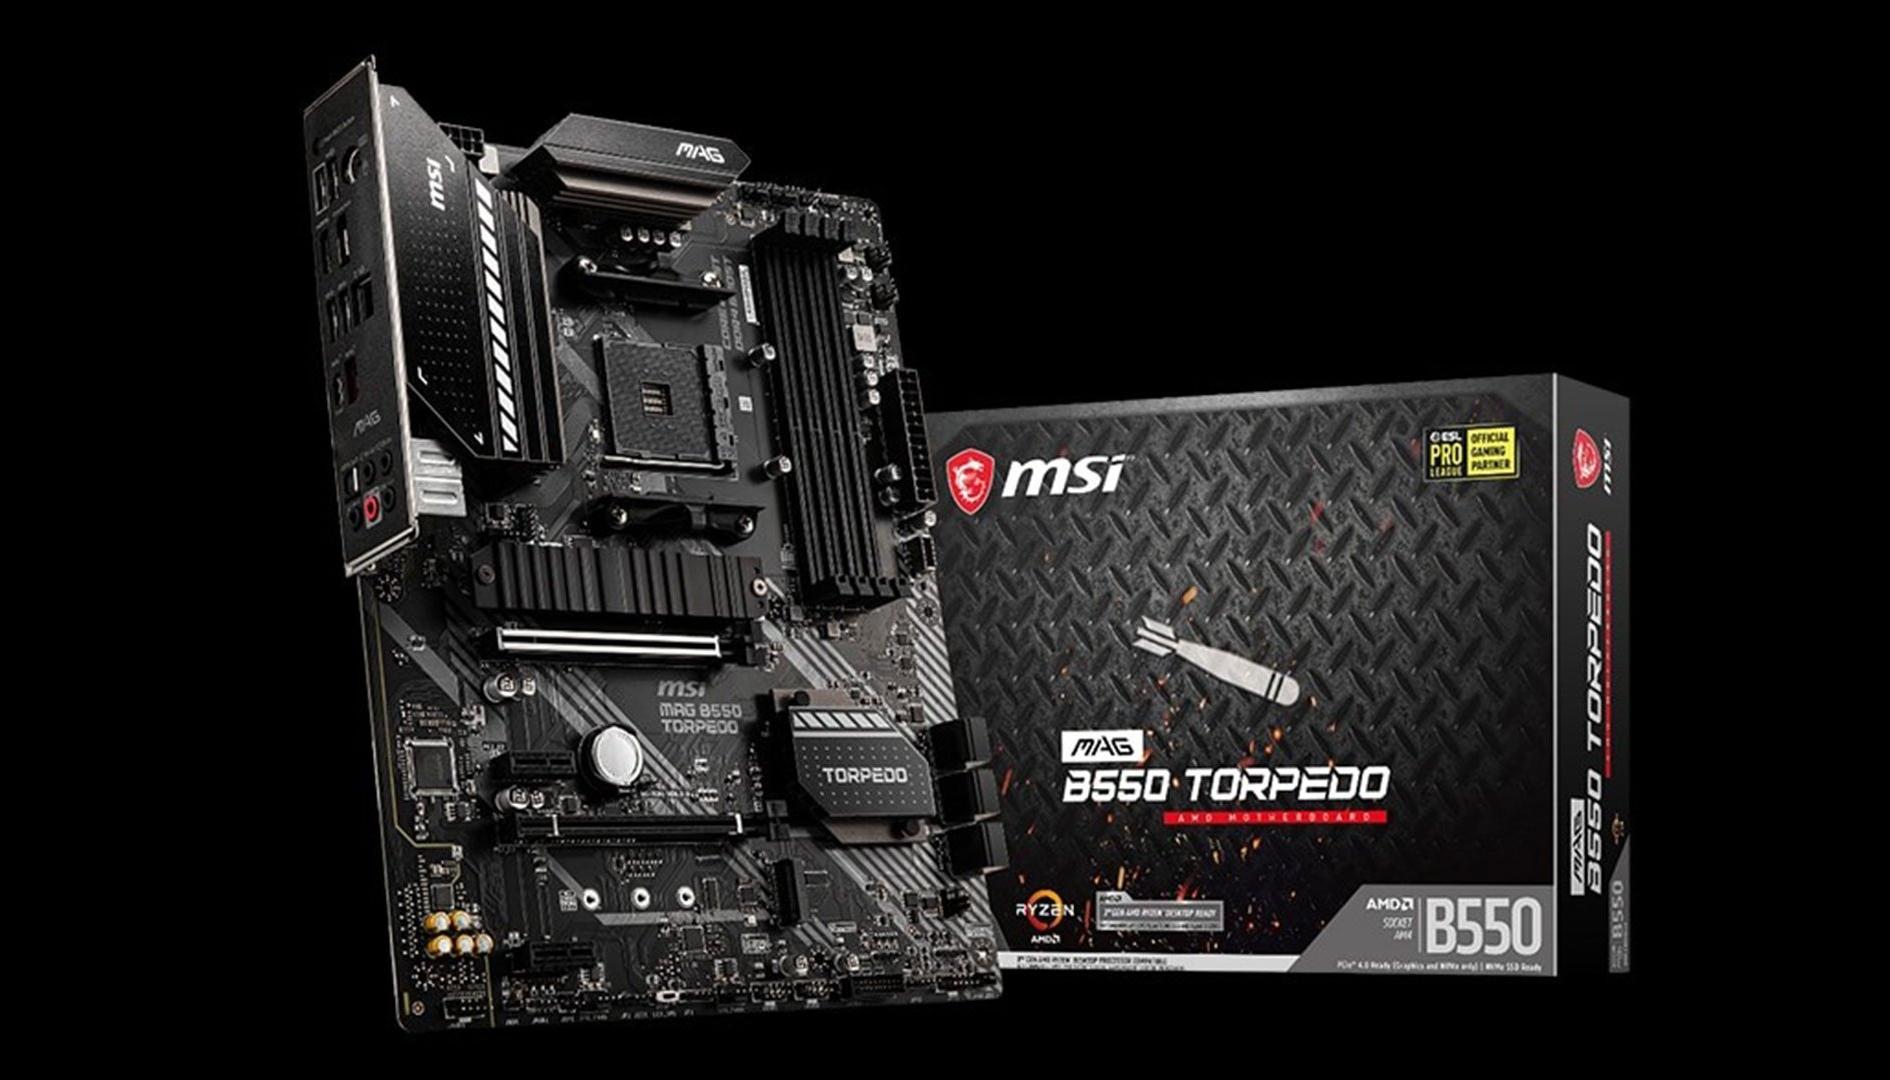 MSI MAG B550 Torpedo, la nuova motherboard per CPU Ryzen con chipset B550